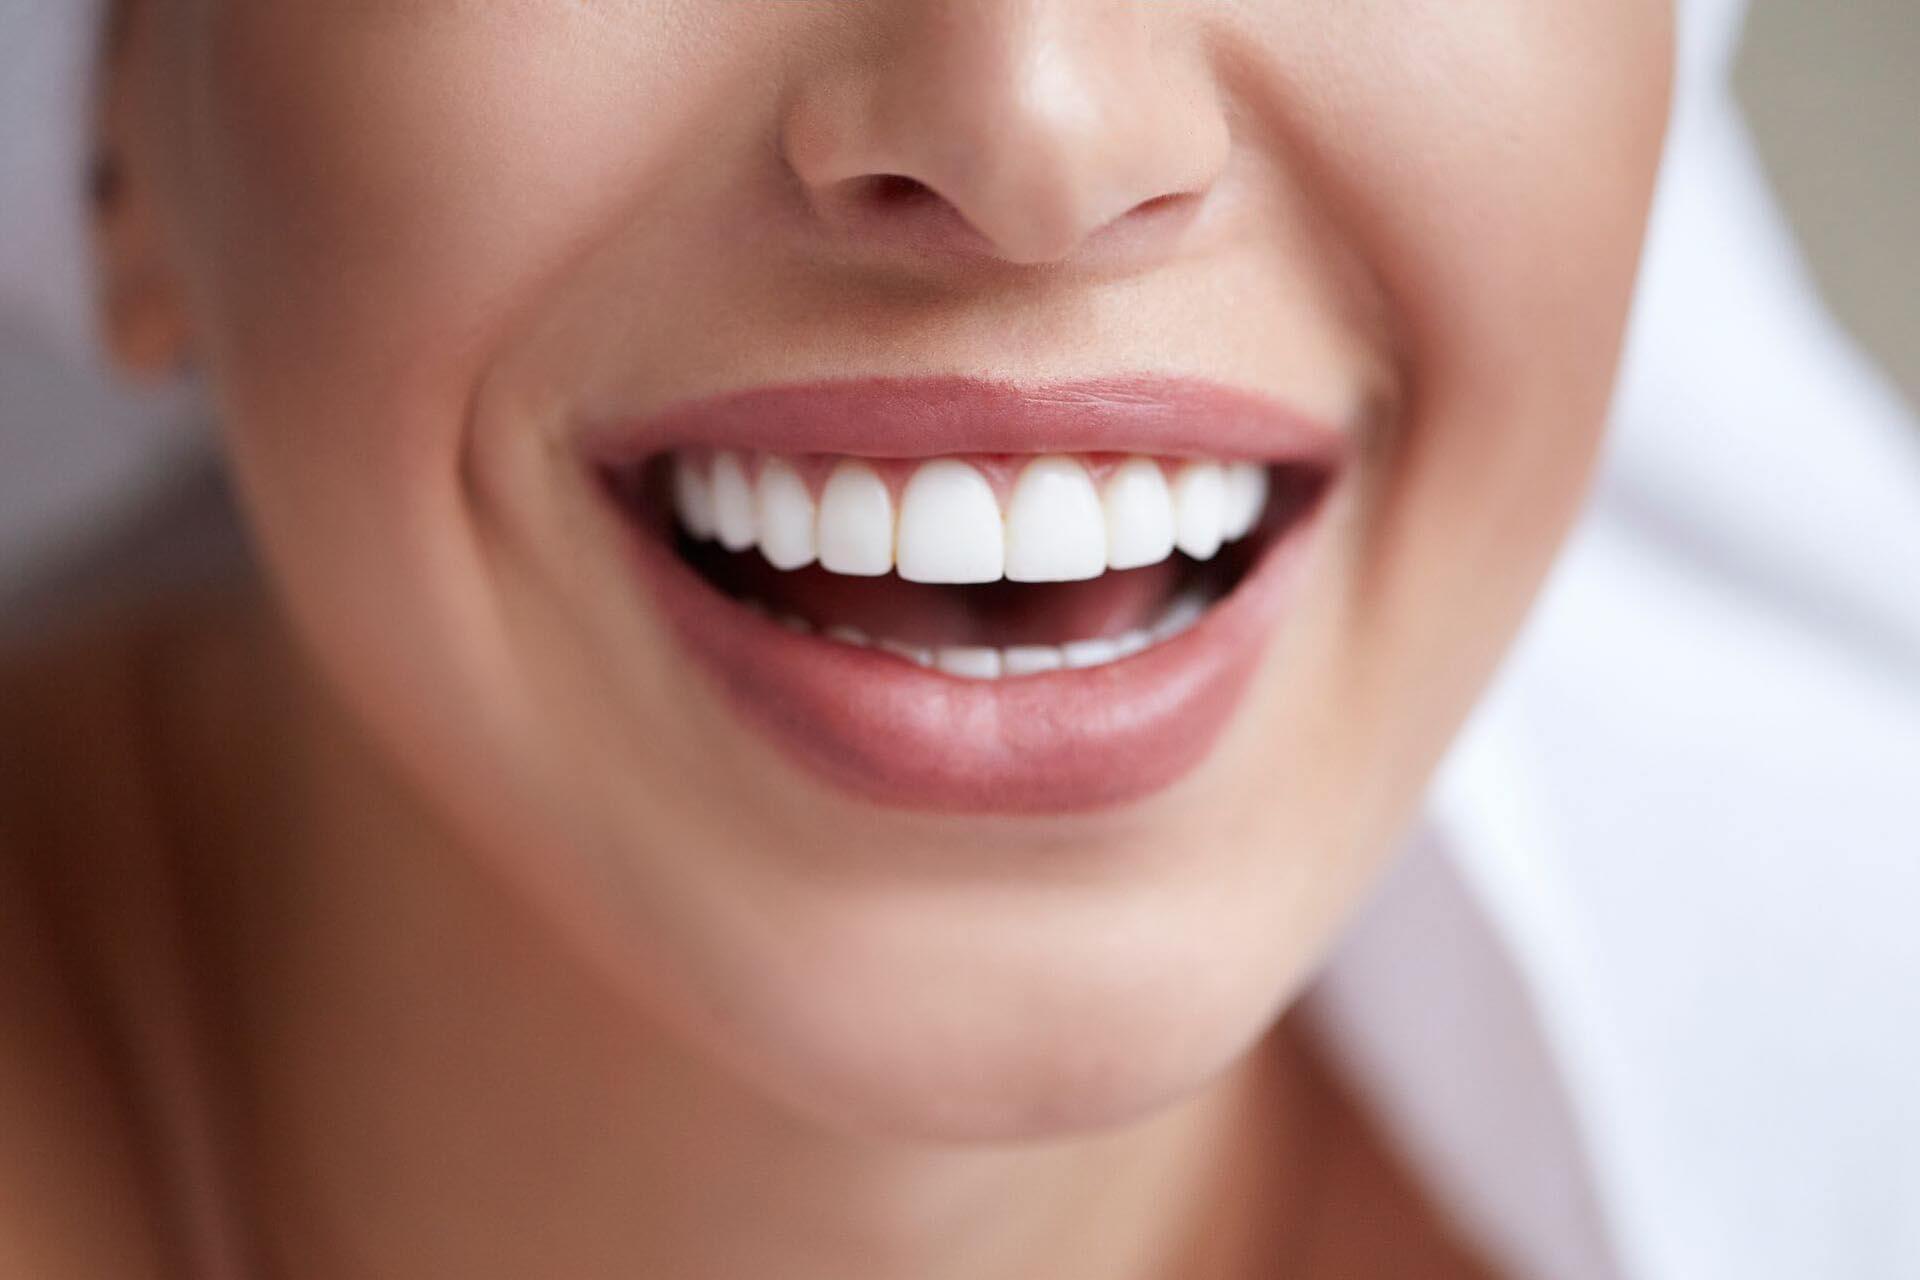 наш фото зубов с винирами имеет примерно такое